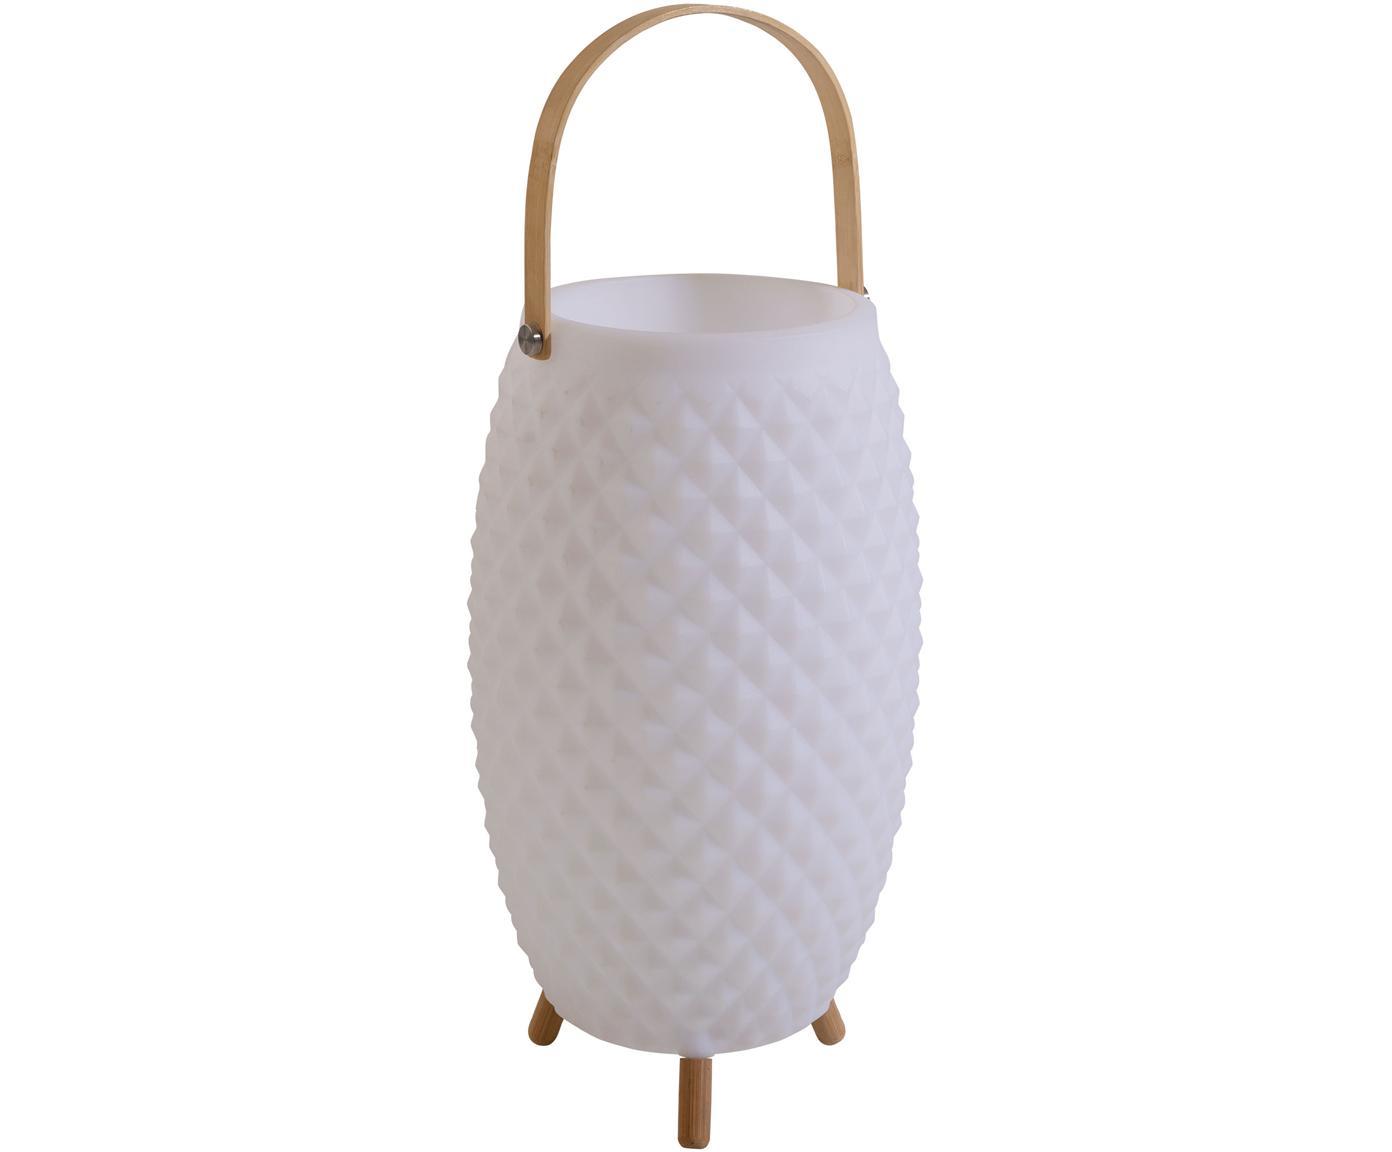 Lámpara móvil LED para exterior Coldown, con altavoz, Plástico, madera de caucho, Blanco, Ø 25 x Al 60 cm